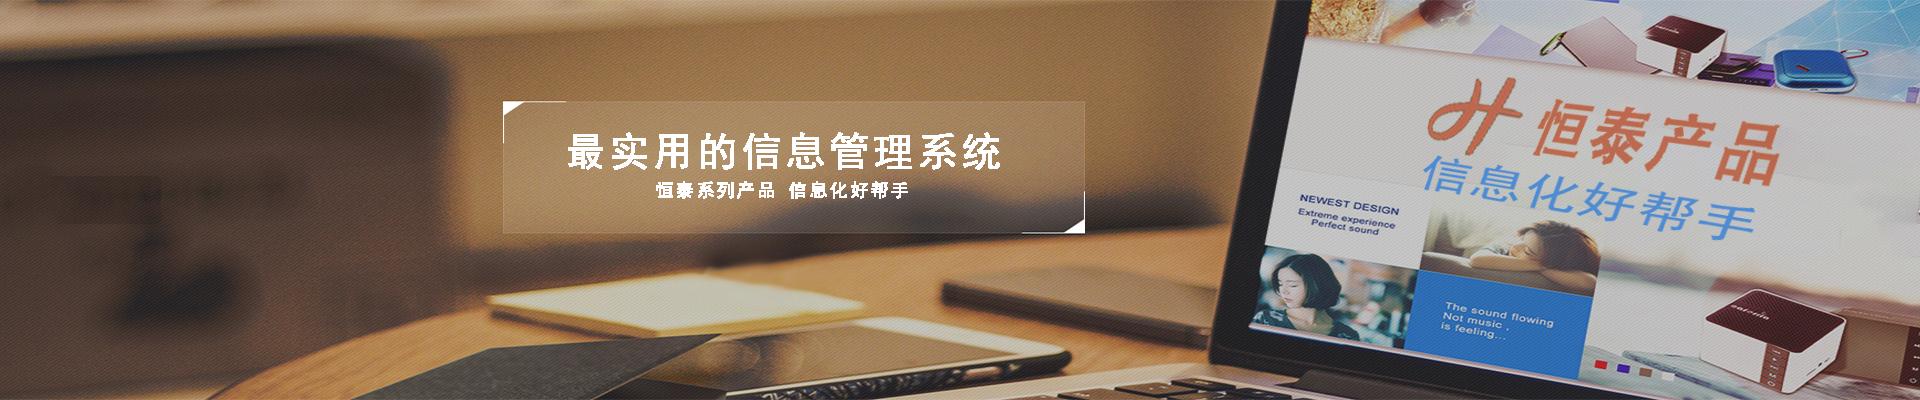 办公资产与办公用品管理系统